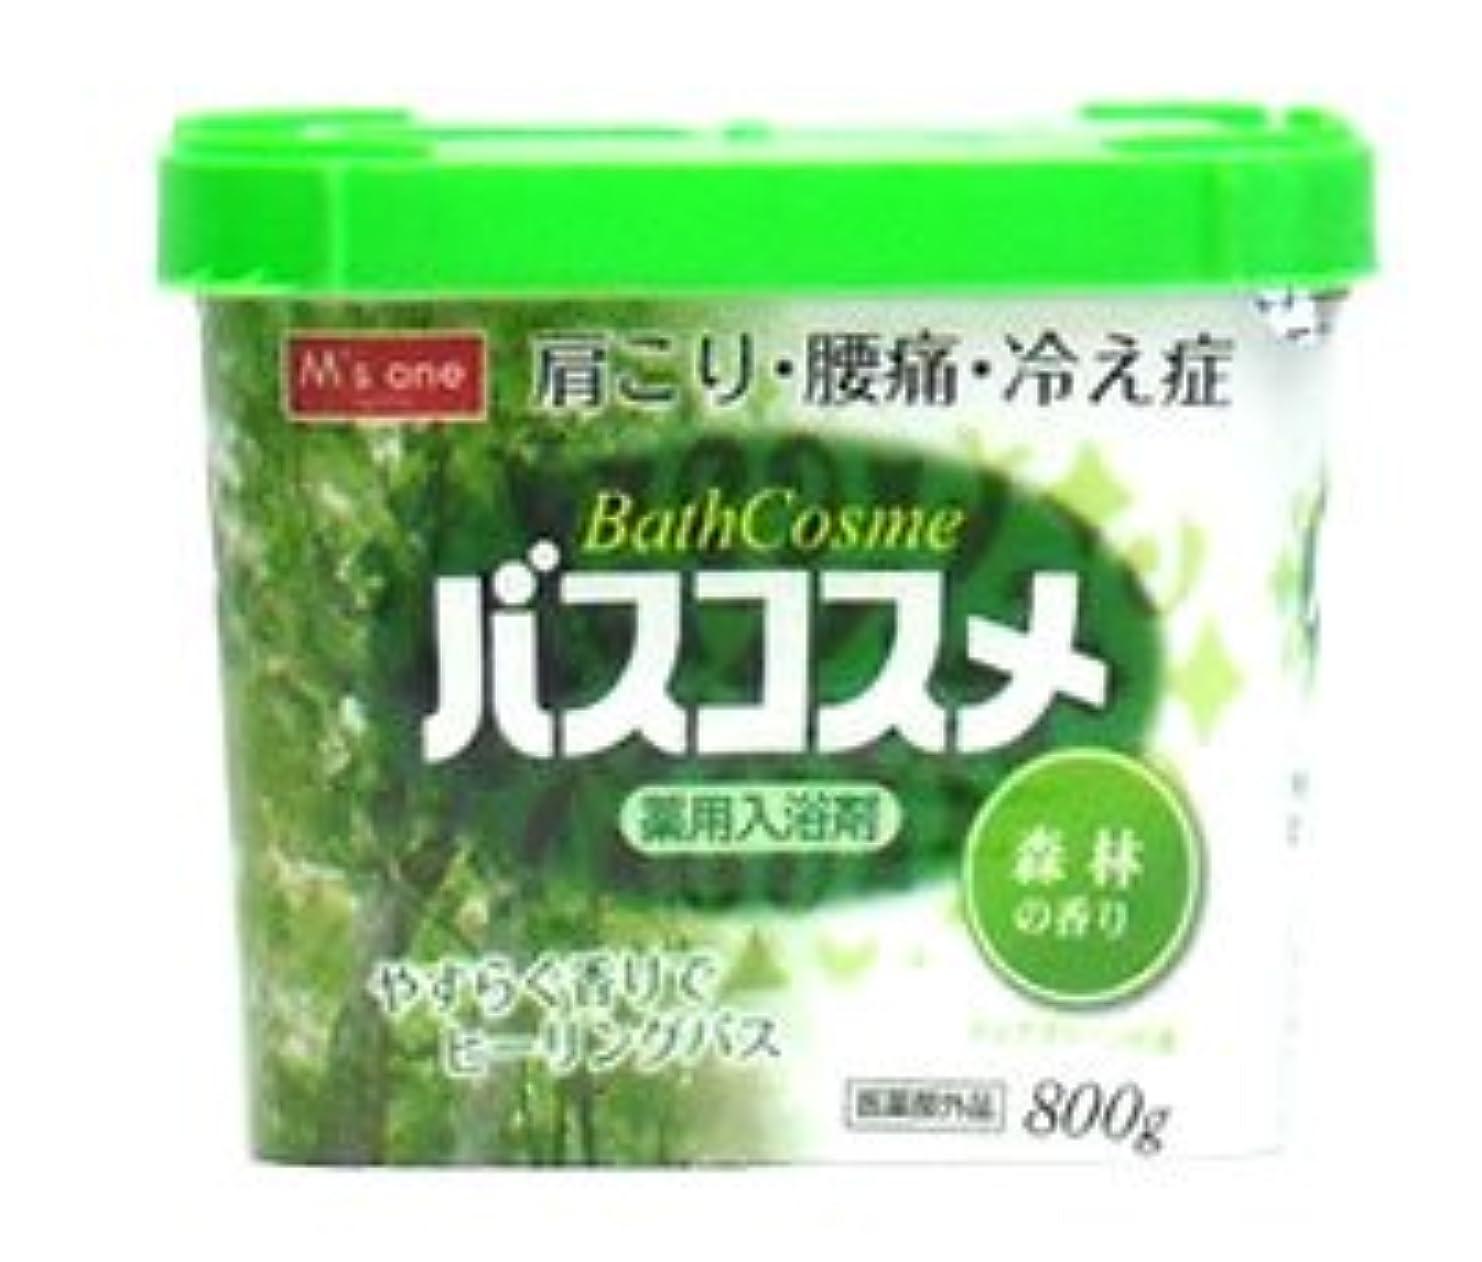 ショルダー皿ピンエムズワン バスコスメ 薬用入浴剤 森林の香り (800g) 【医薬部外品】